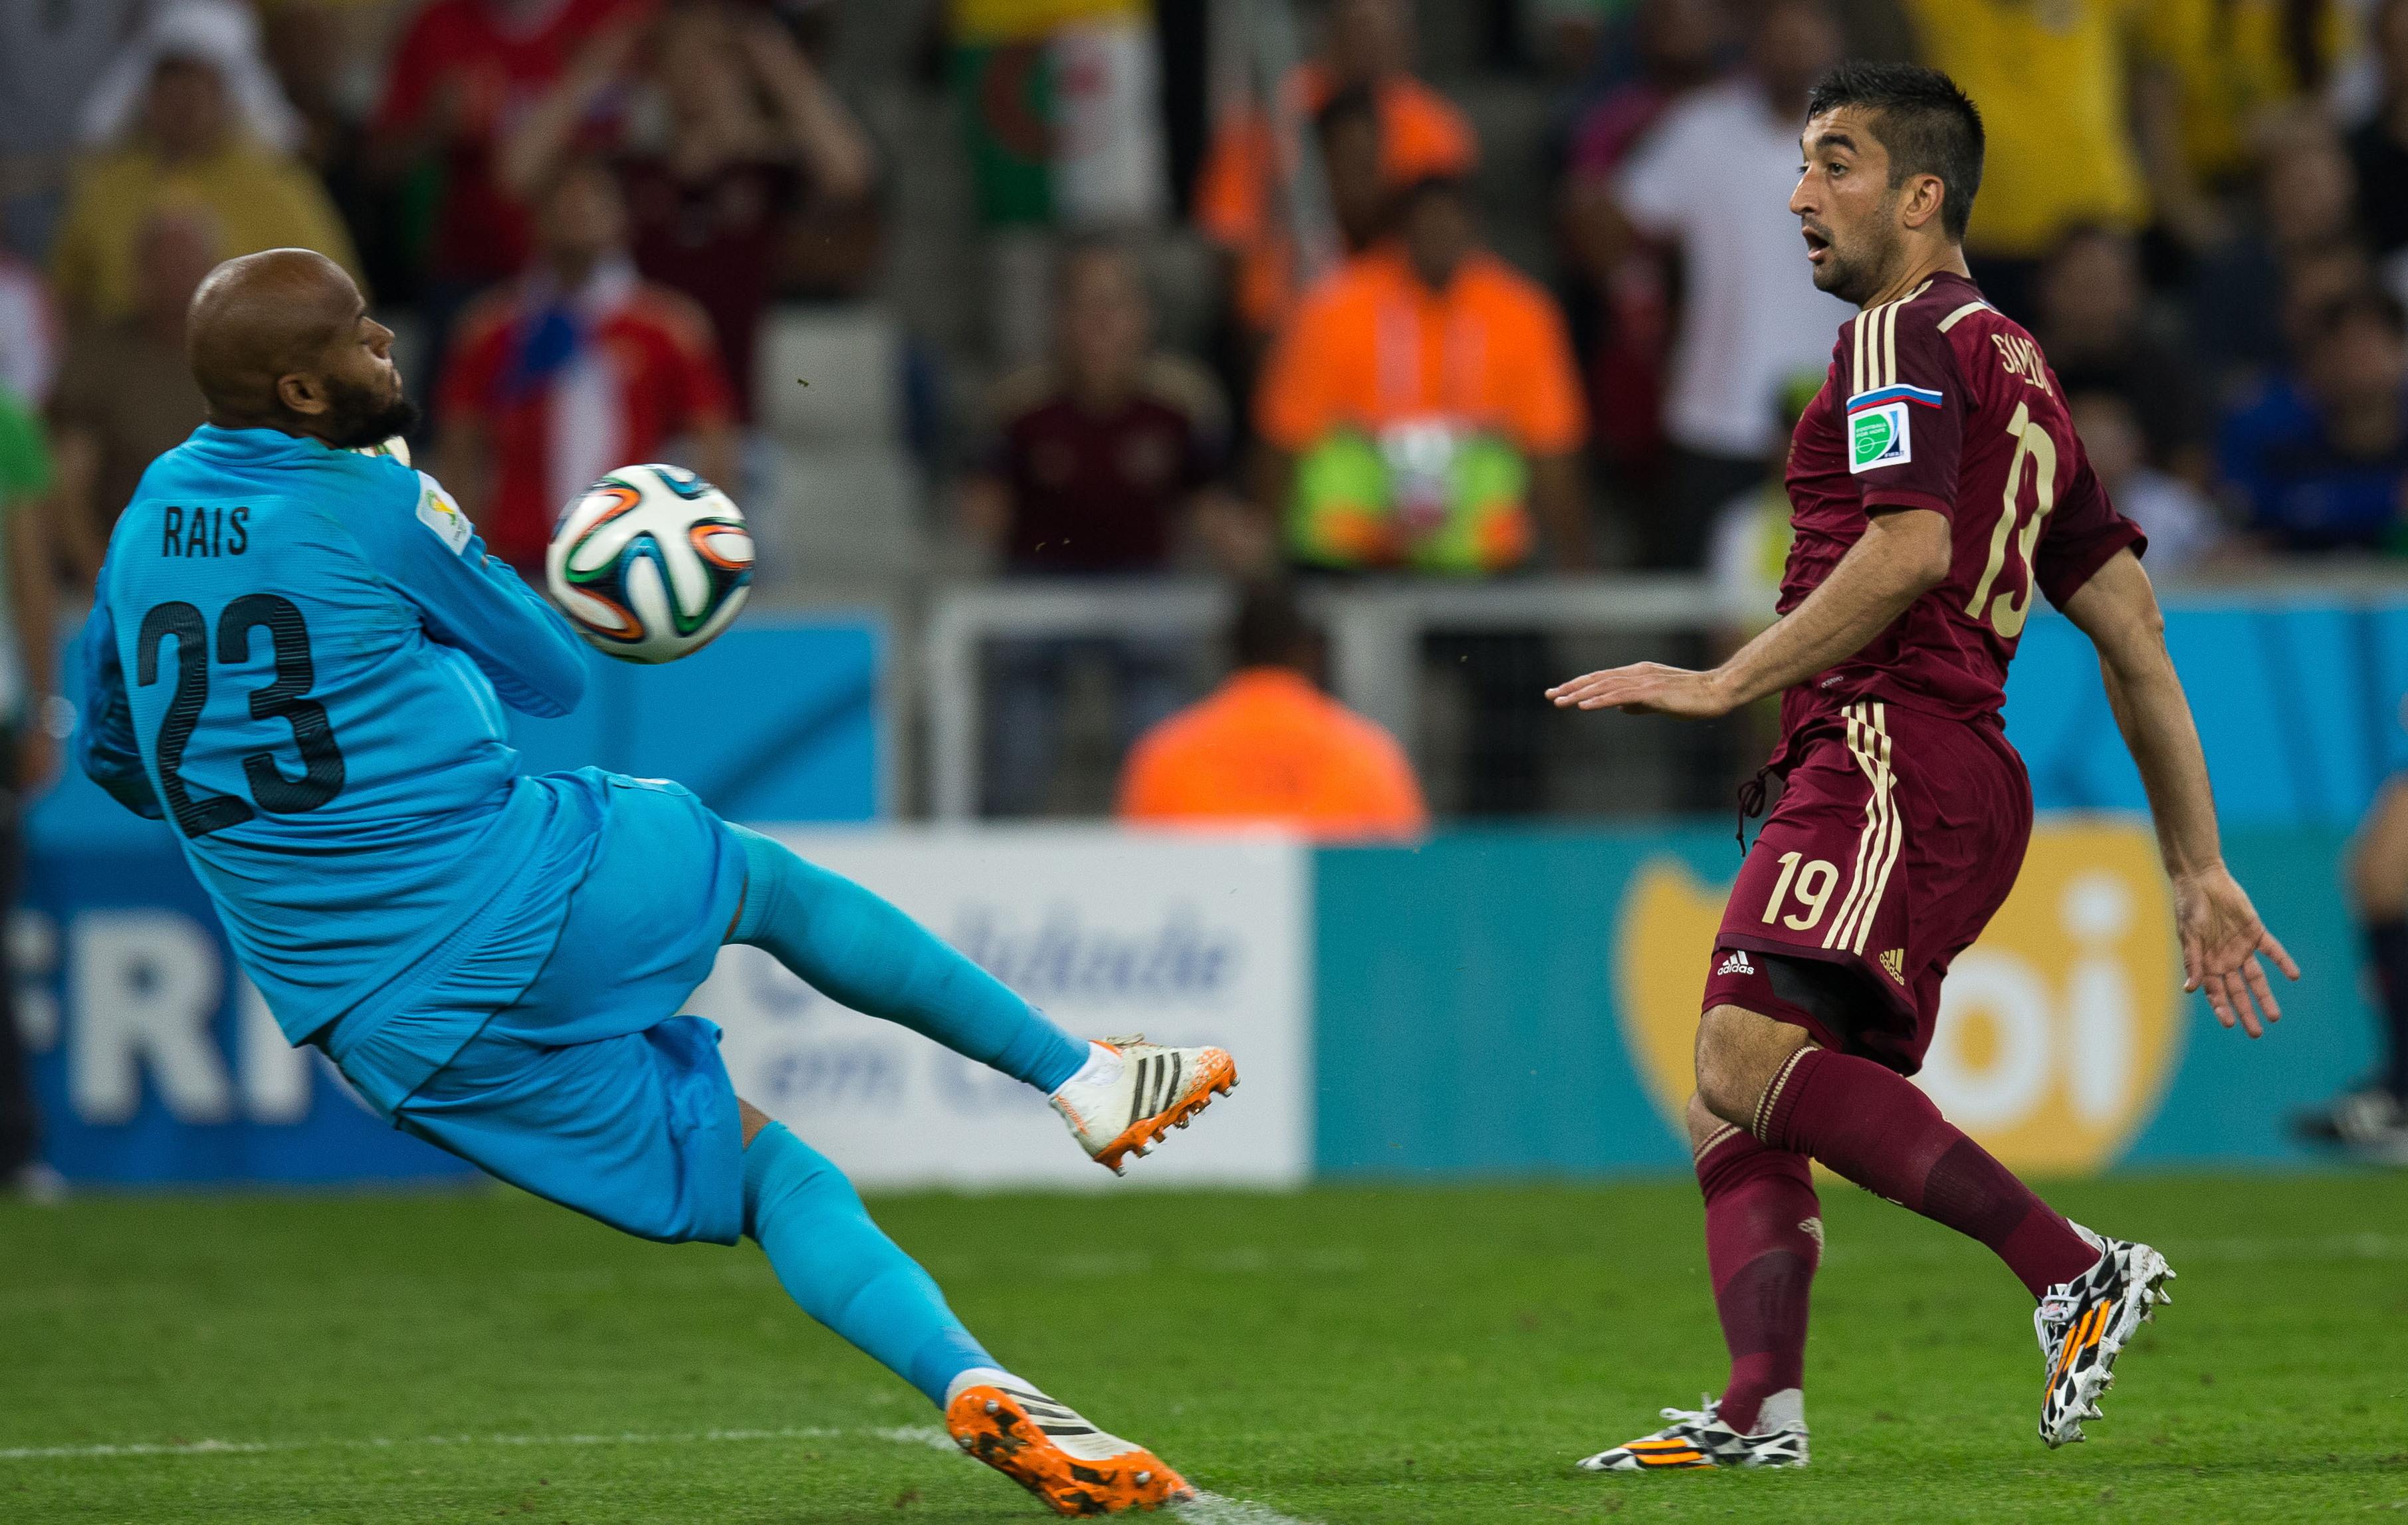 M bolhi le mur de l alg rie 2014 br sil coupe du monde football - Algerie disqualifie coupe du monde ...